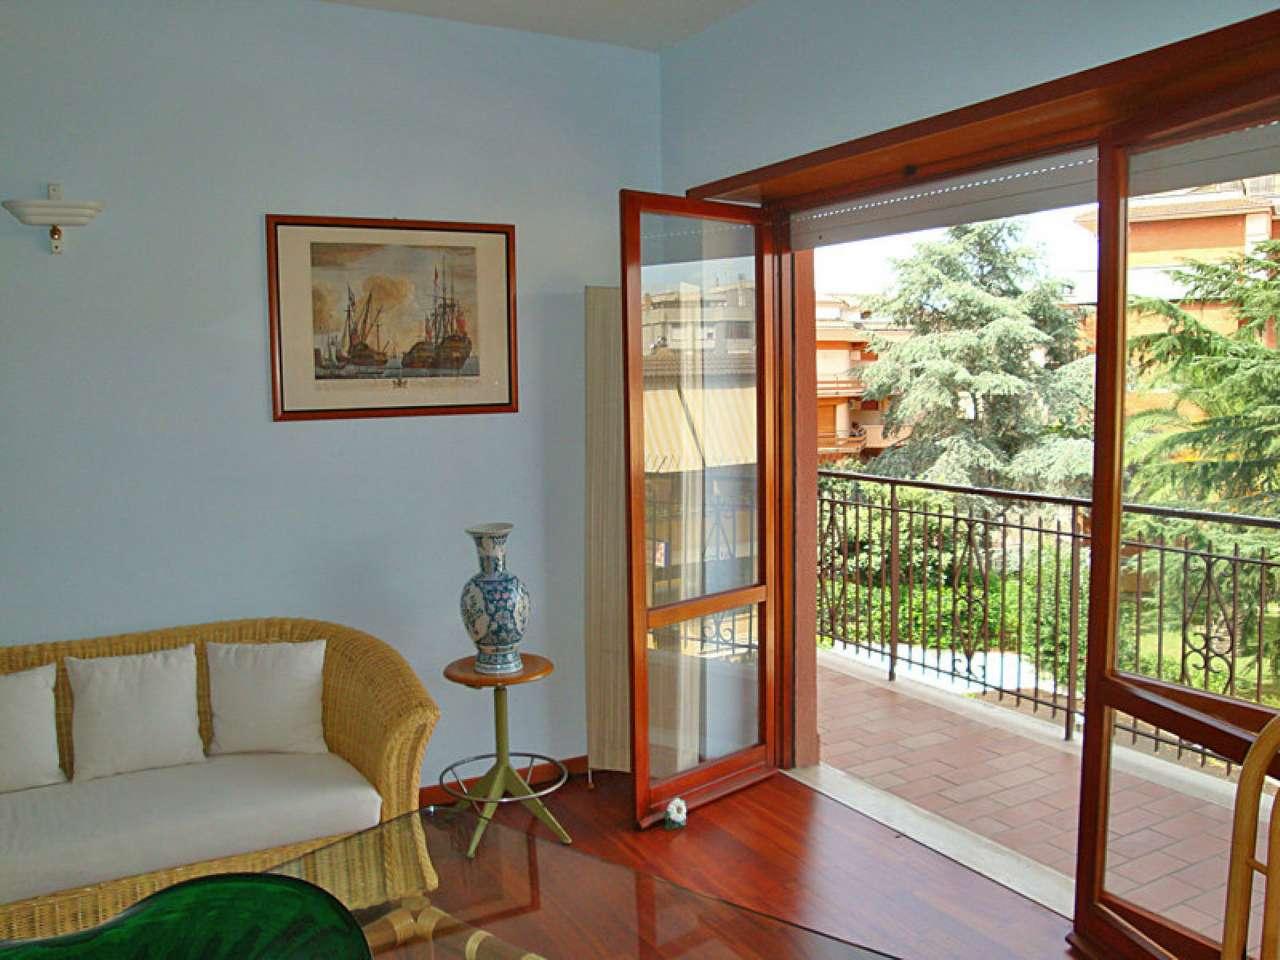 Appartamento in vendita a Sabaudia, 6 locali, prezzo € 195.000 | CambioCasa.it